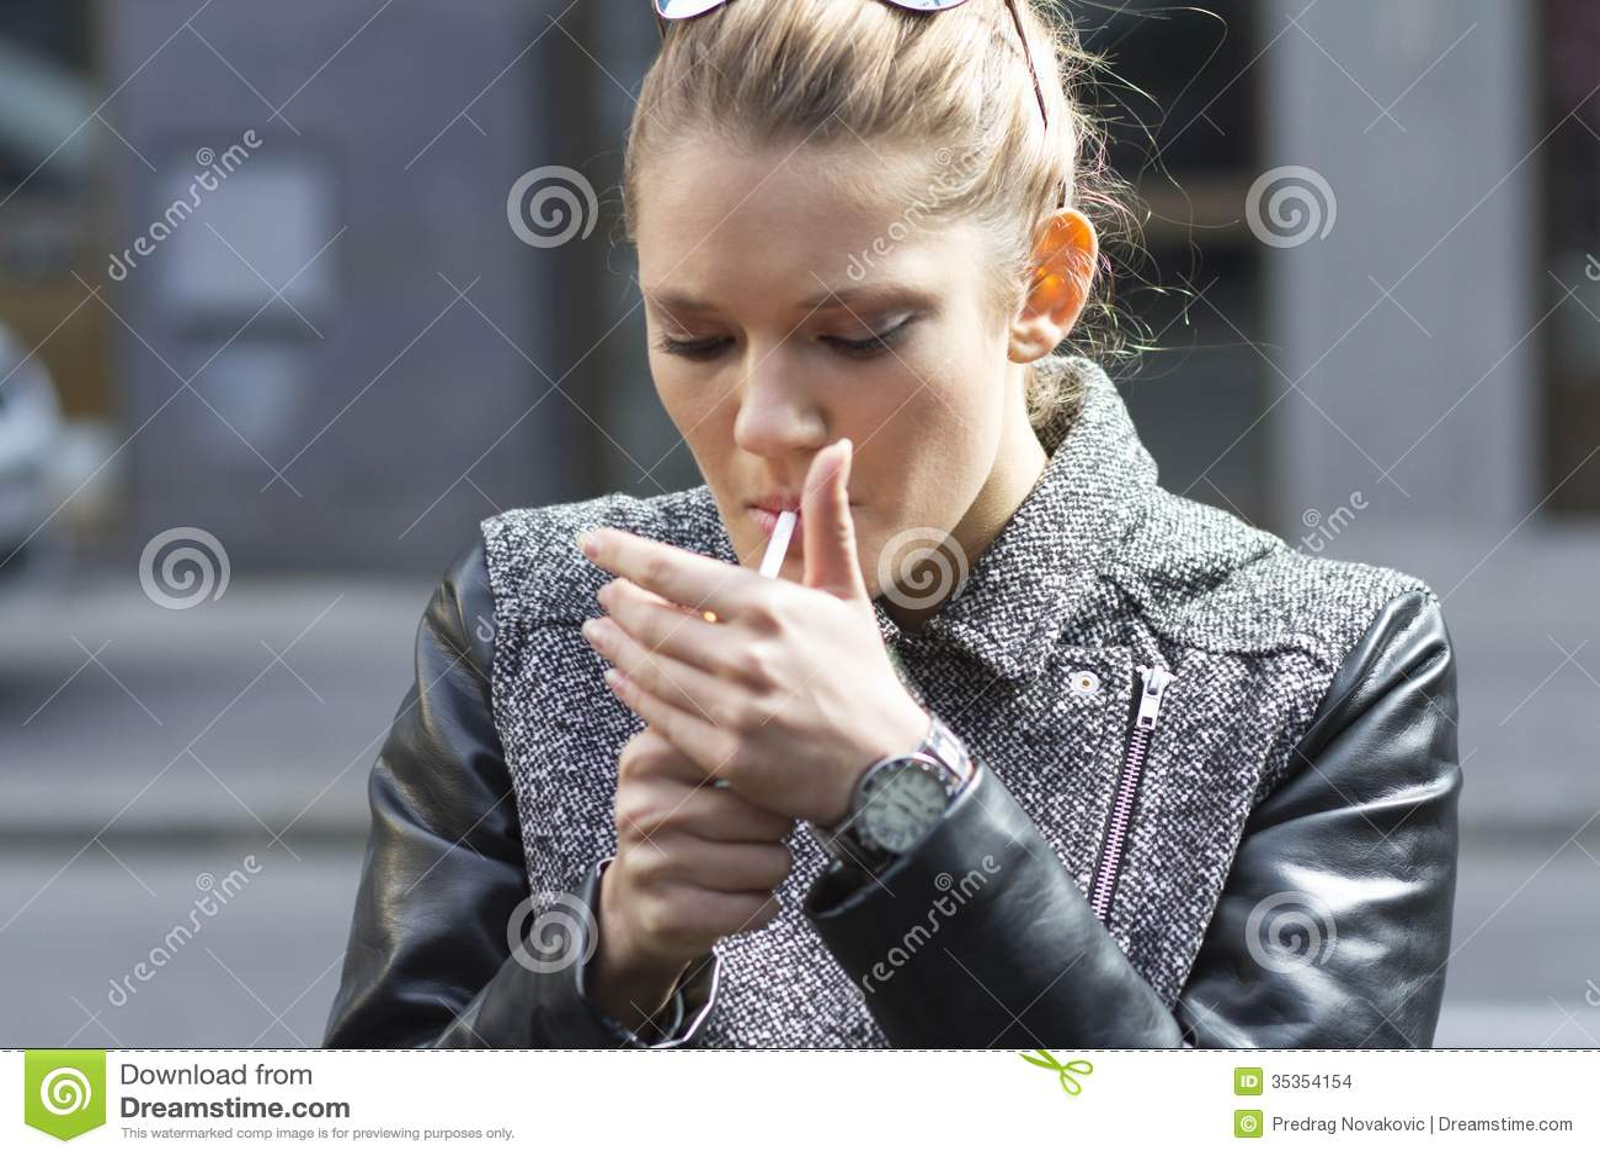 Ayant cessé de fumer je marche souvent à la toilette